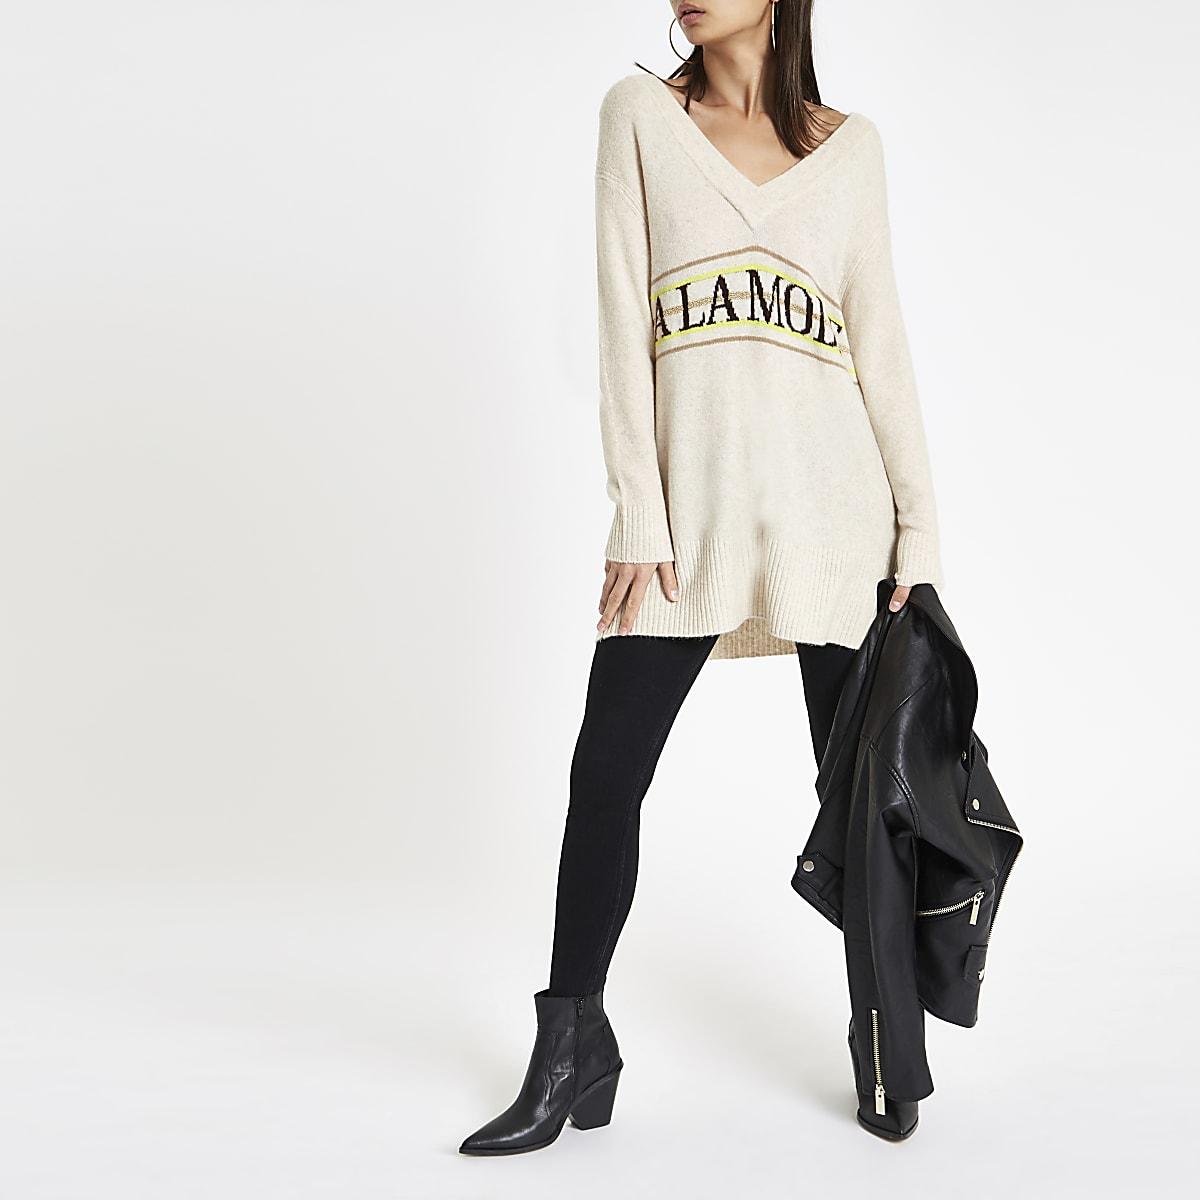 Beige 'A la mode' v neck jumper